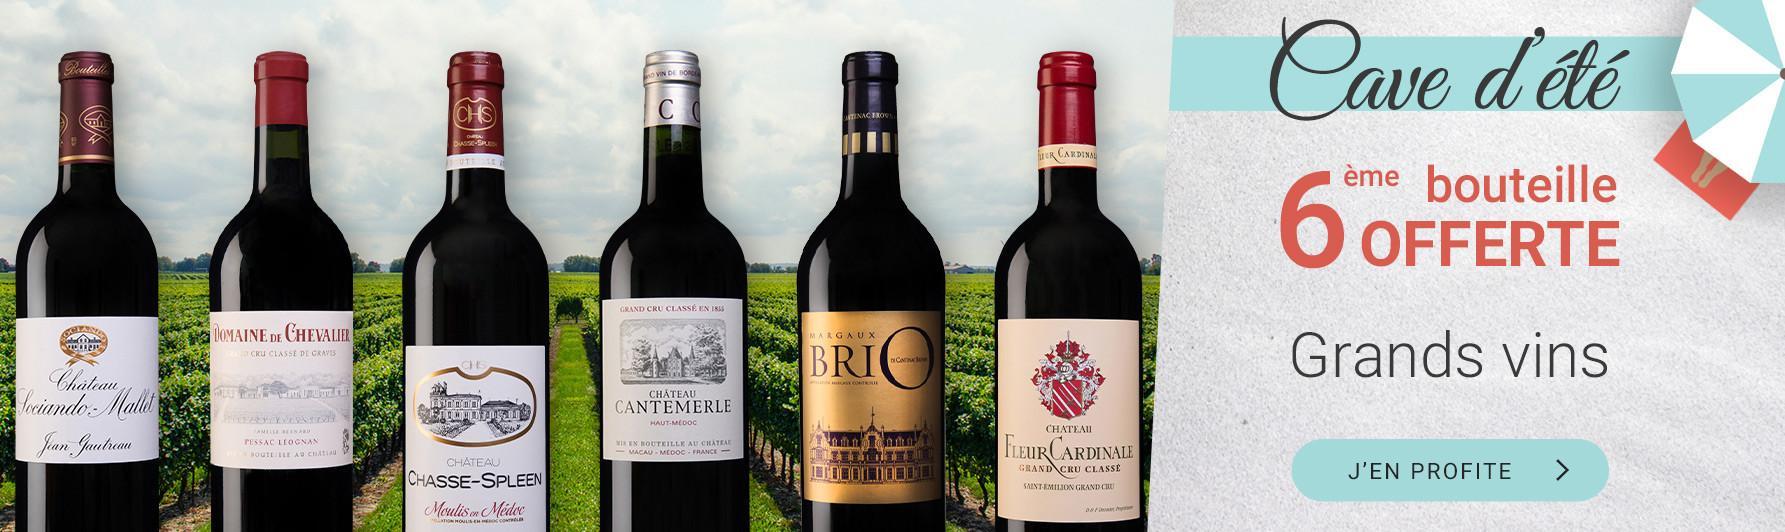 Cave d'été   Grands vins